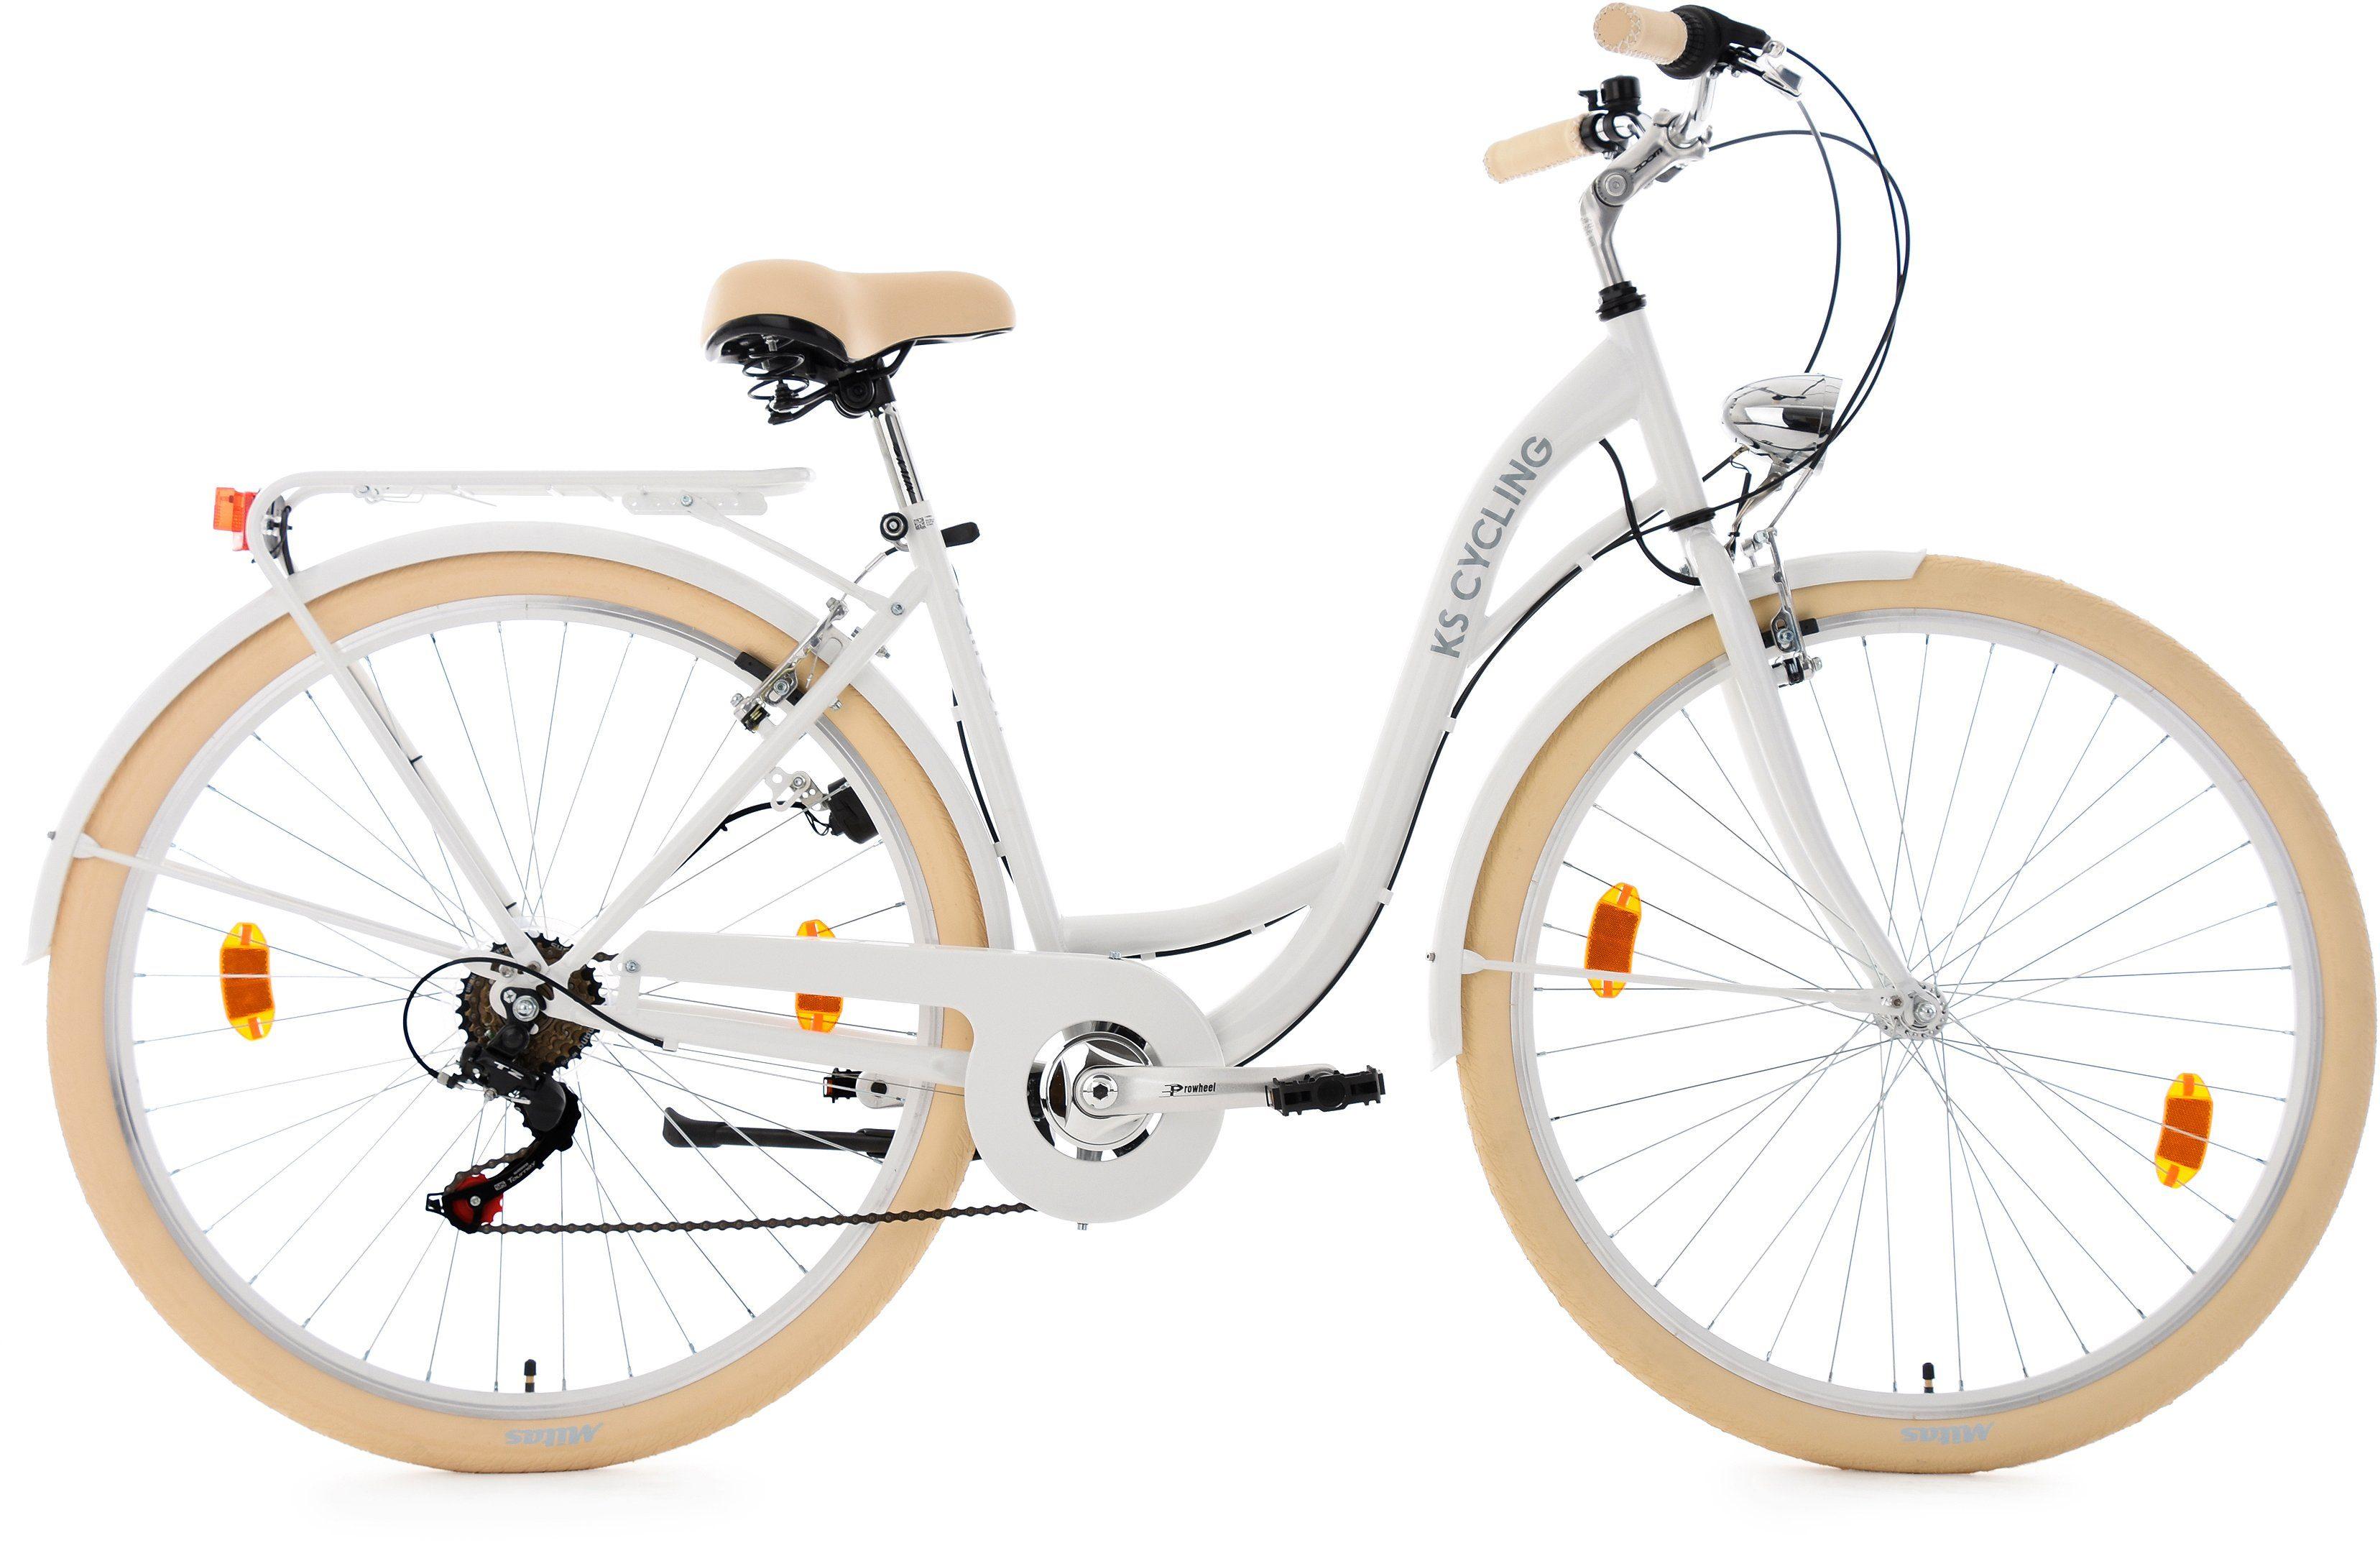 KS Cycling Damen-Cityrad, 28 Zoll, Shimano Tourney 6 Gang-Kettenschaltung, weiß, »Balloon«